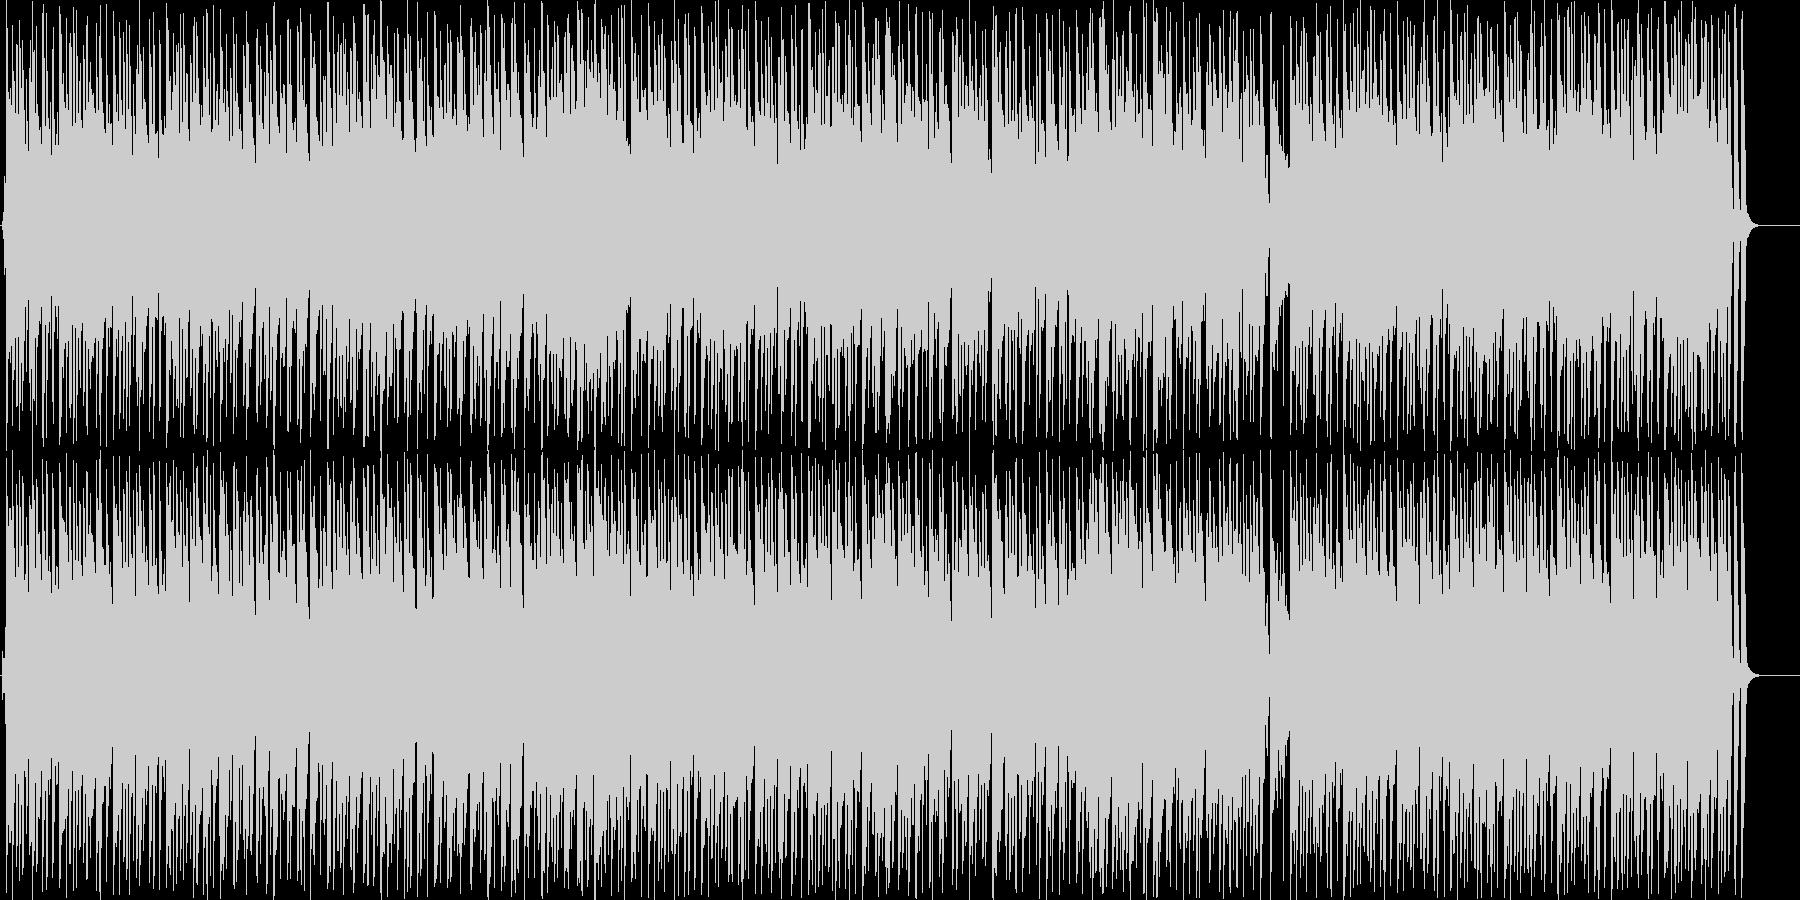 おしゃれな雰囲気のボサノバの未再生の波形